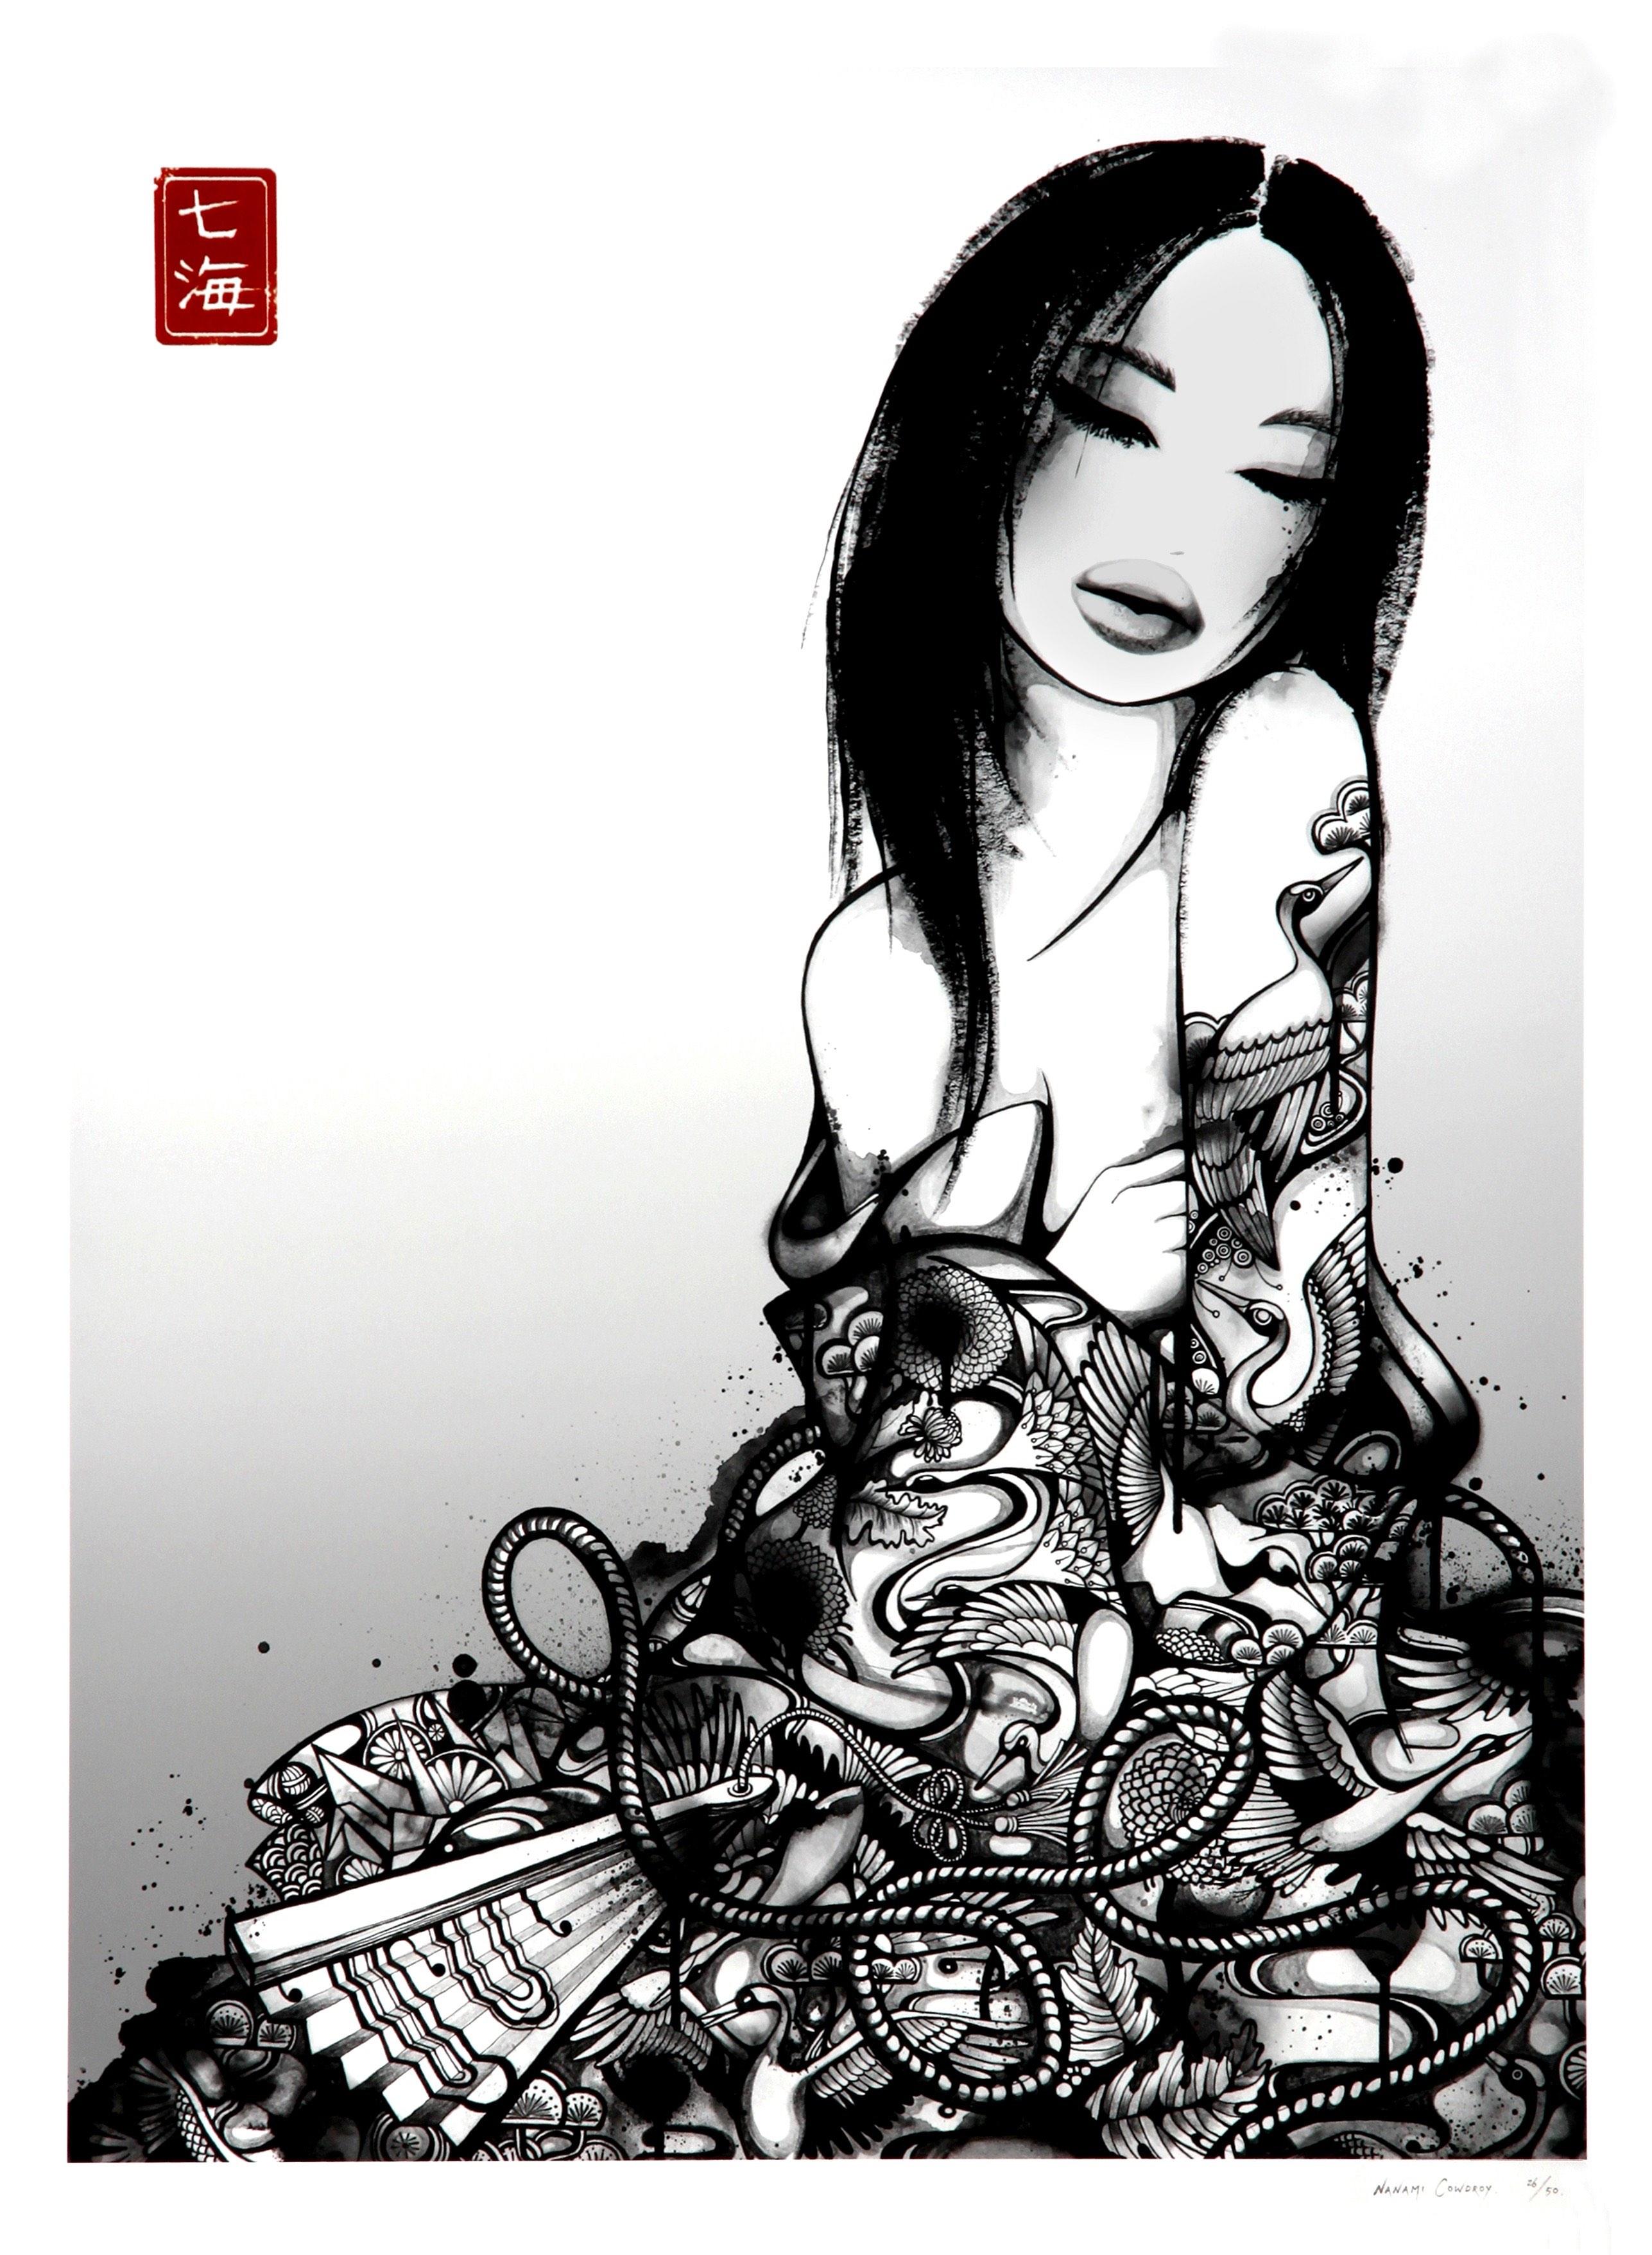 Nanami - Cowdroy - Geisha Yume.jpg